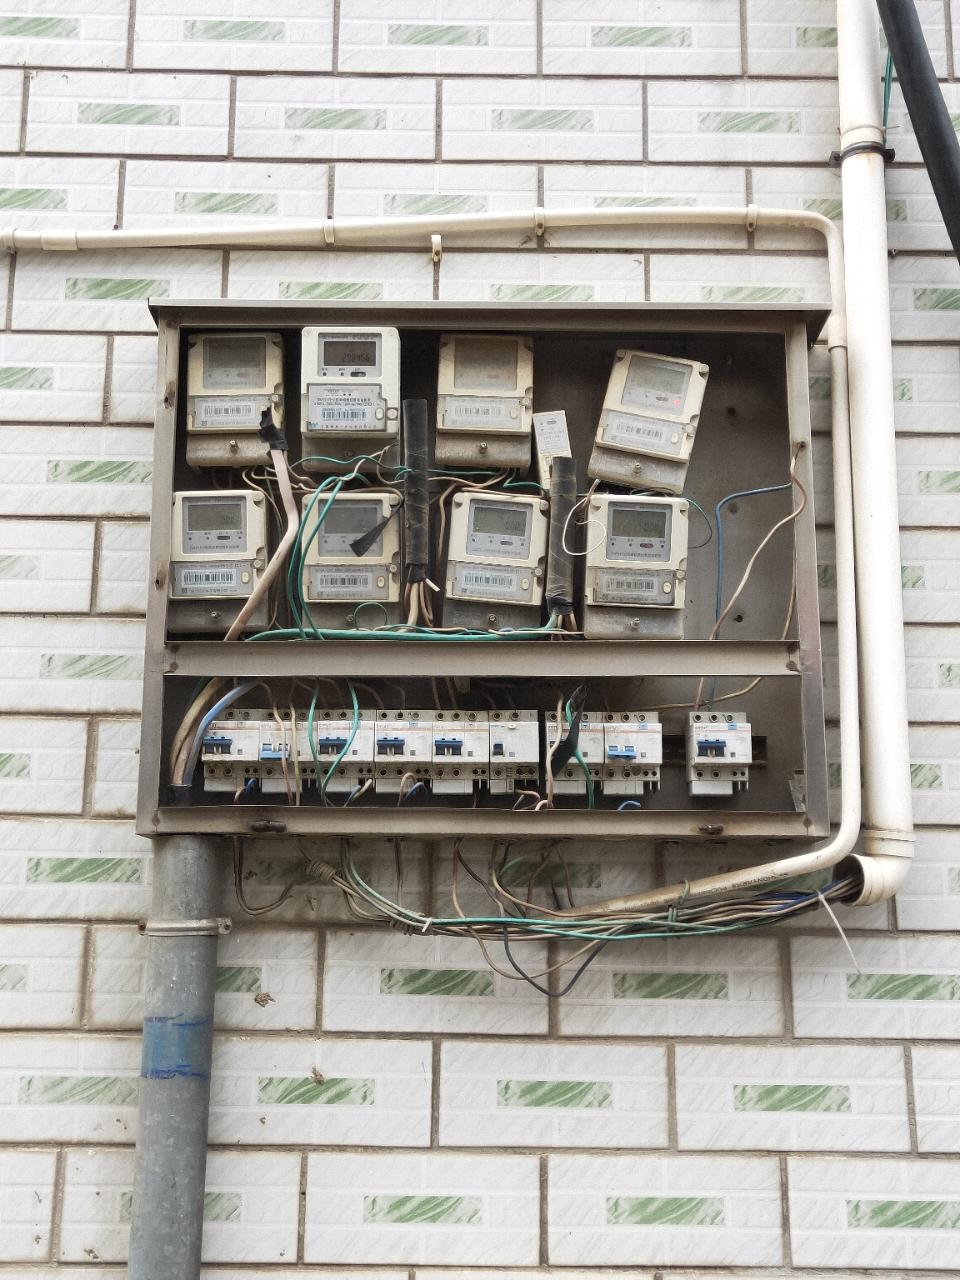 凉亭镇康居新村小区,H区户外电表箱多年一直破烂不堪